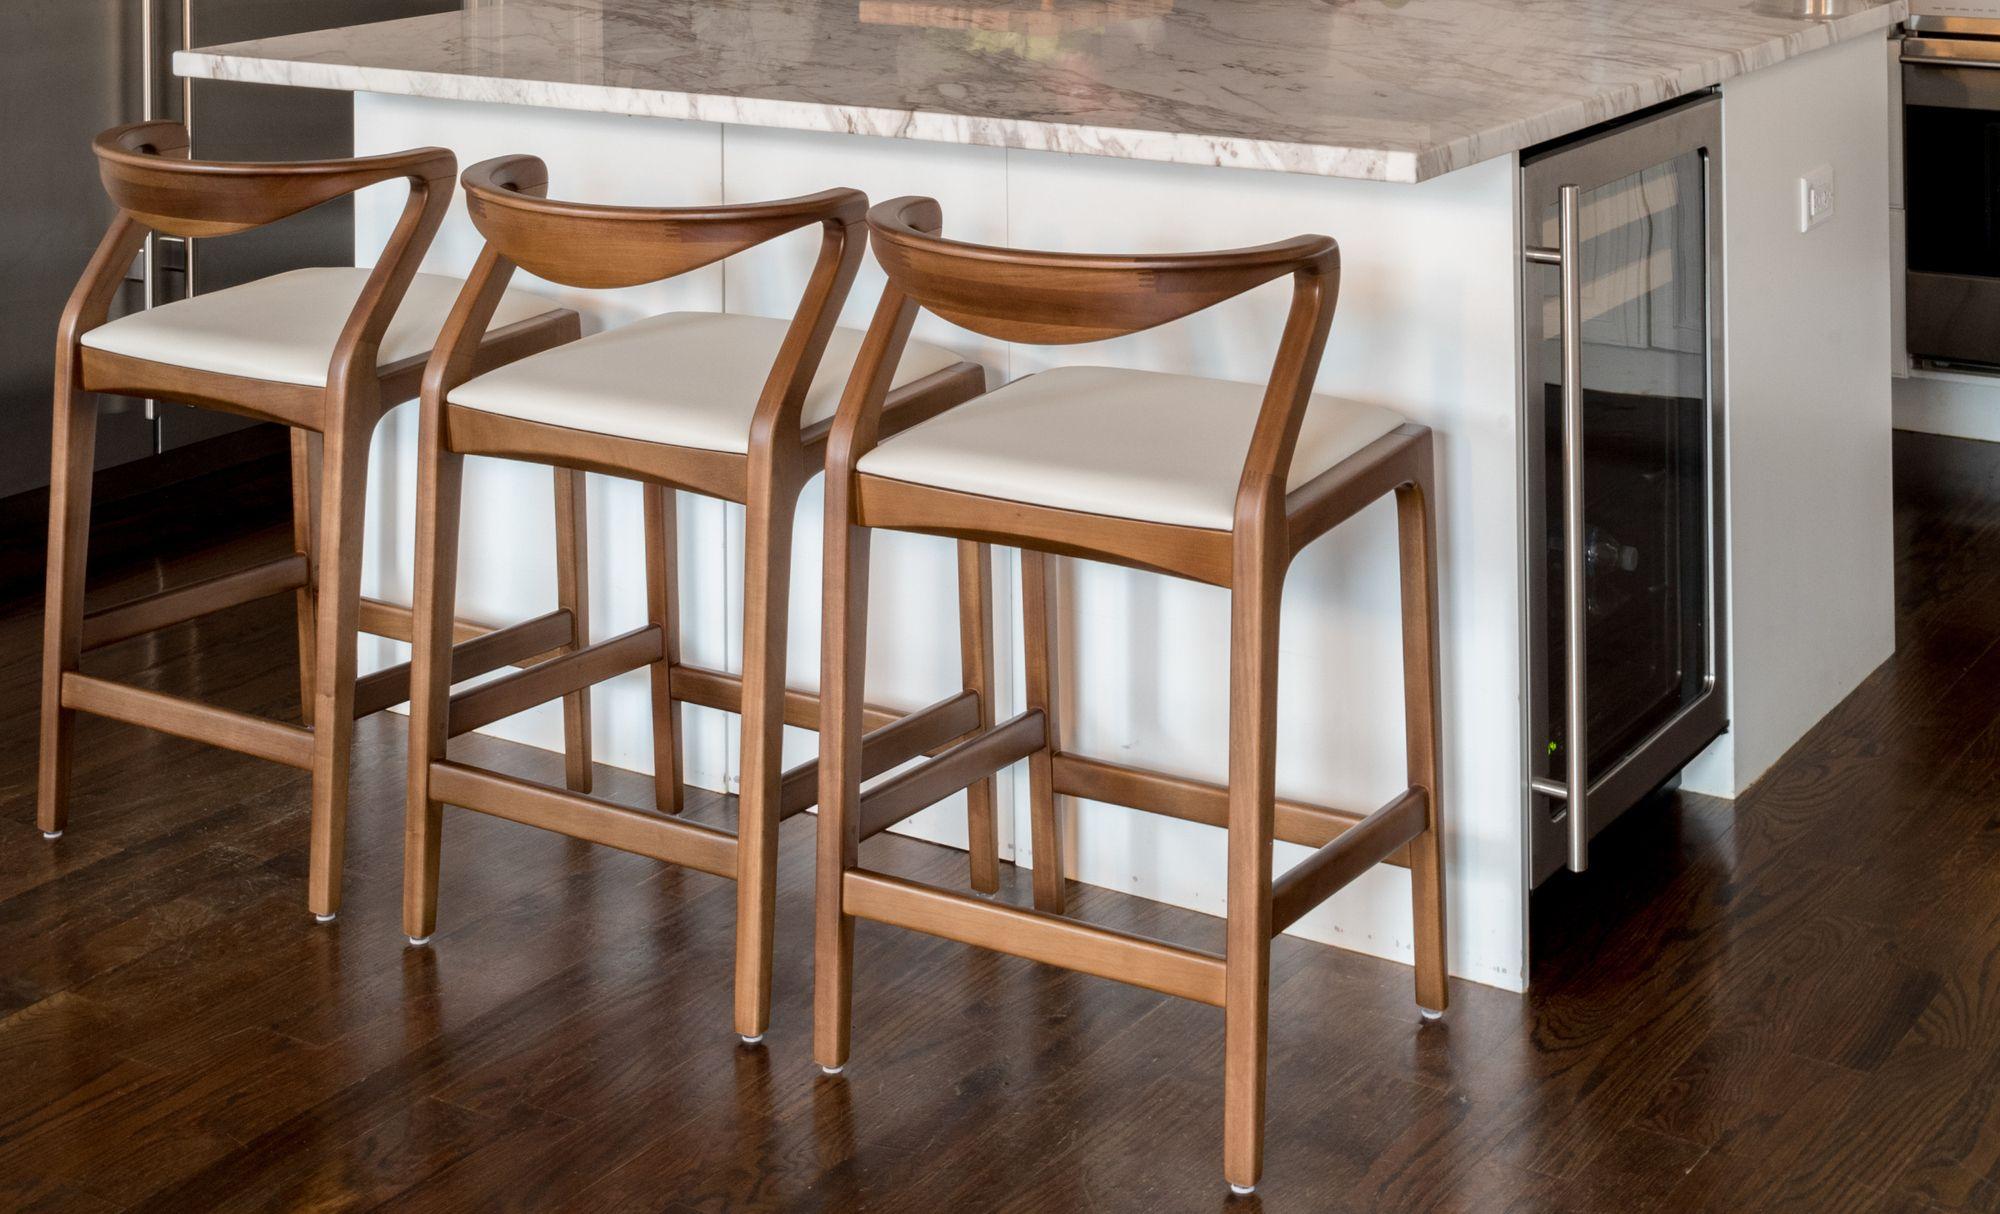 Duda Stool Contemporary Bar Stools Modern Stools Dining Room Decor